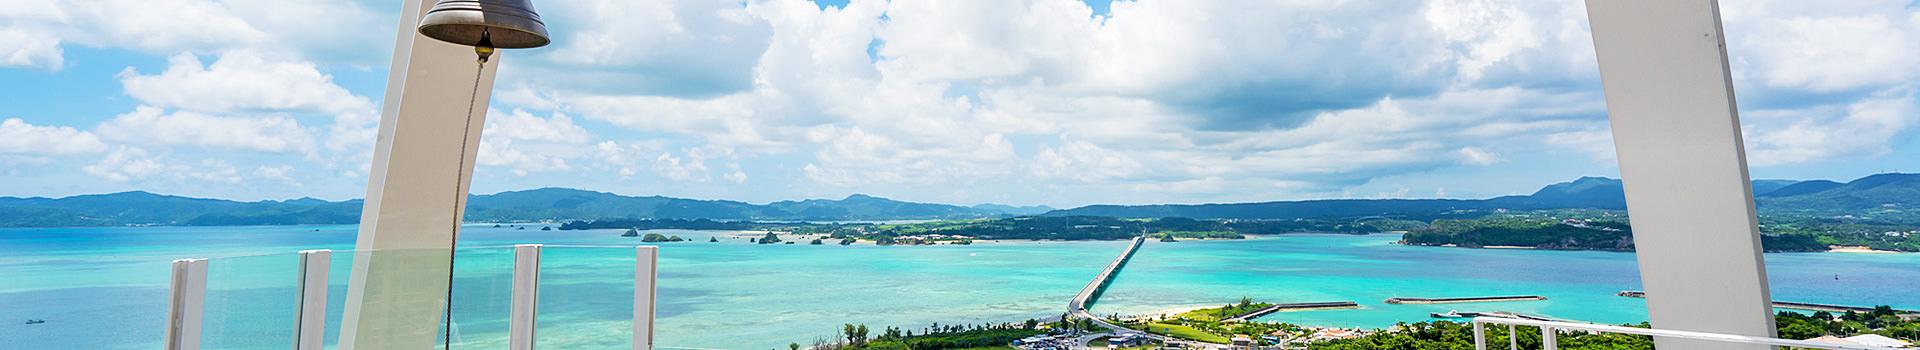 近隣情報 | 沖縄古宇利島 貸別荘ヴィラ宿泊の古宇利島ロテルズ